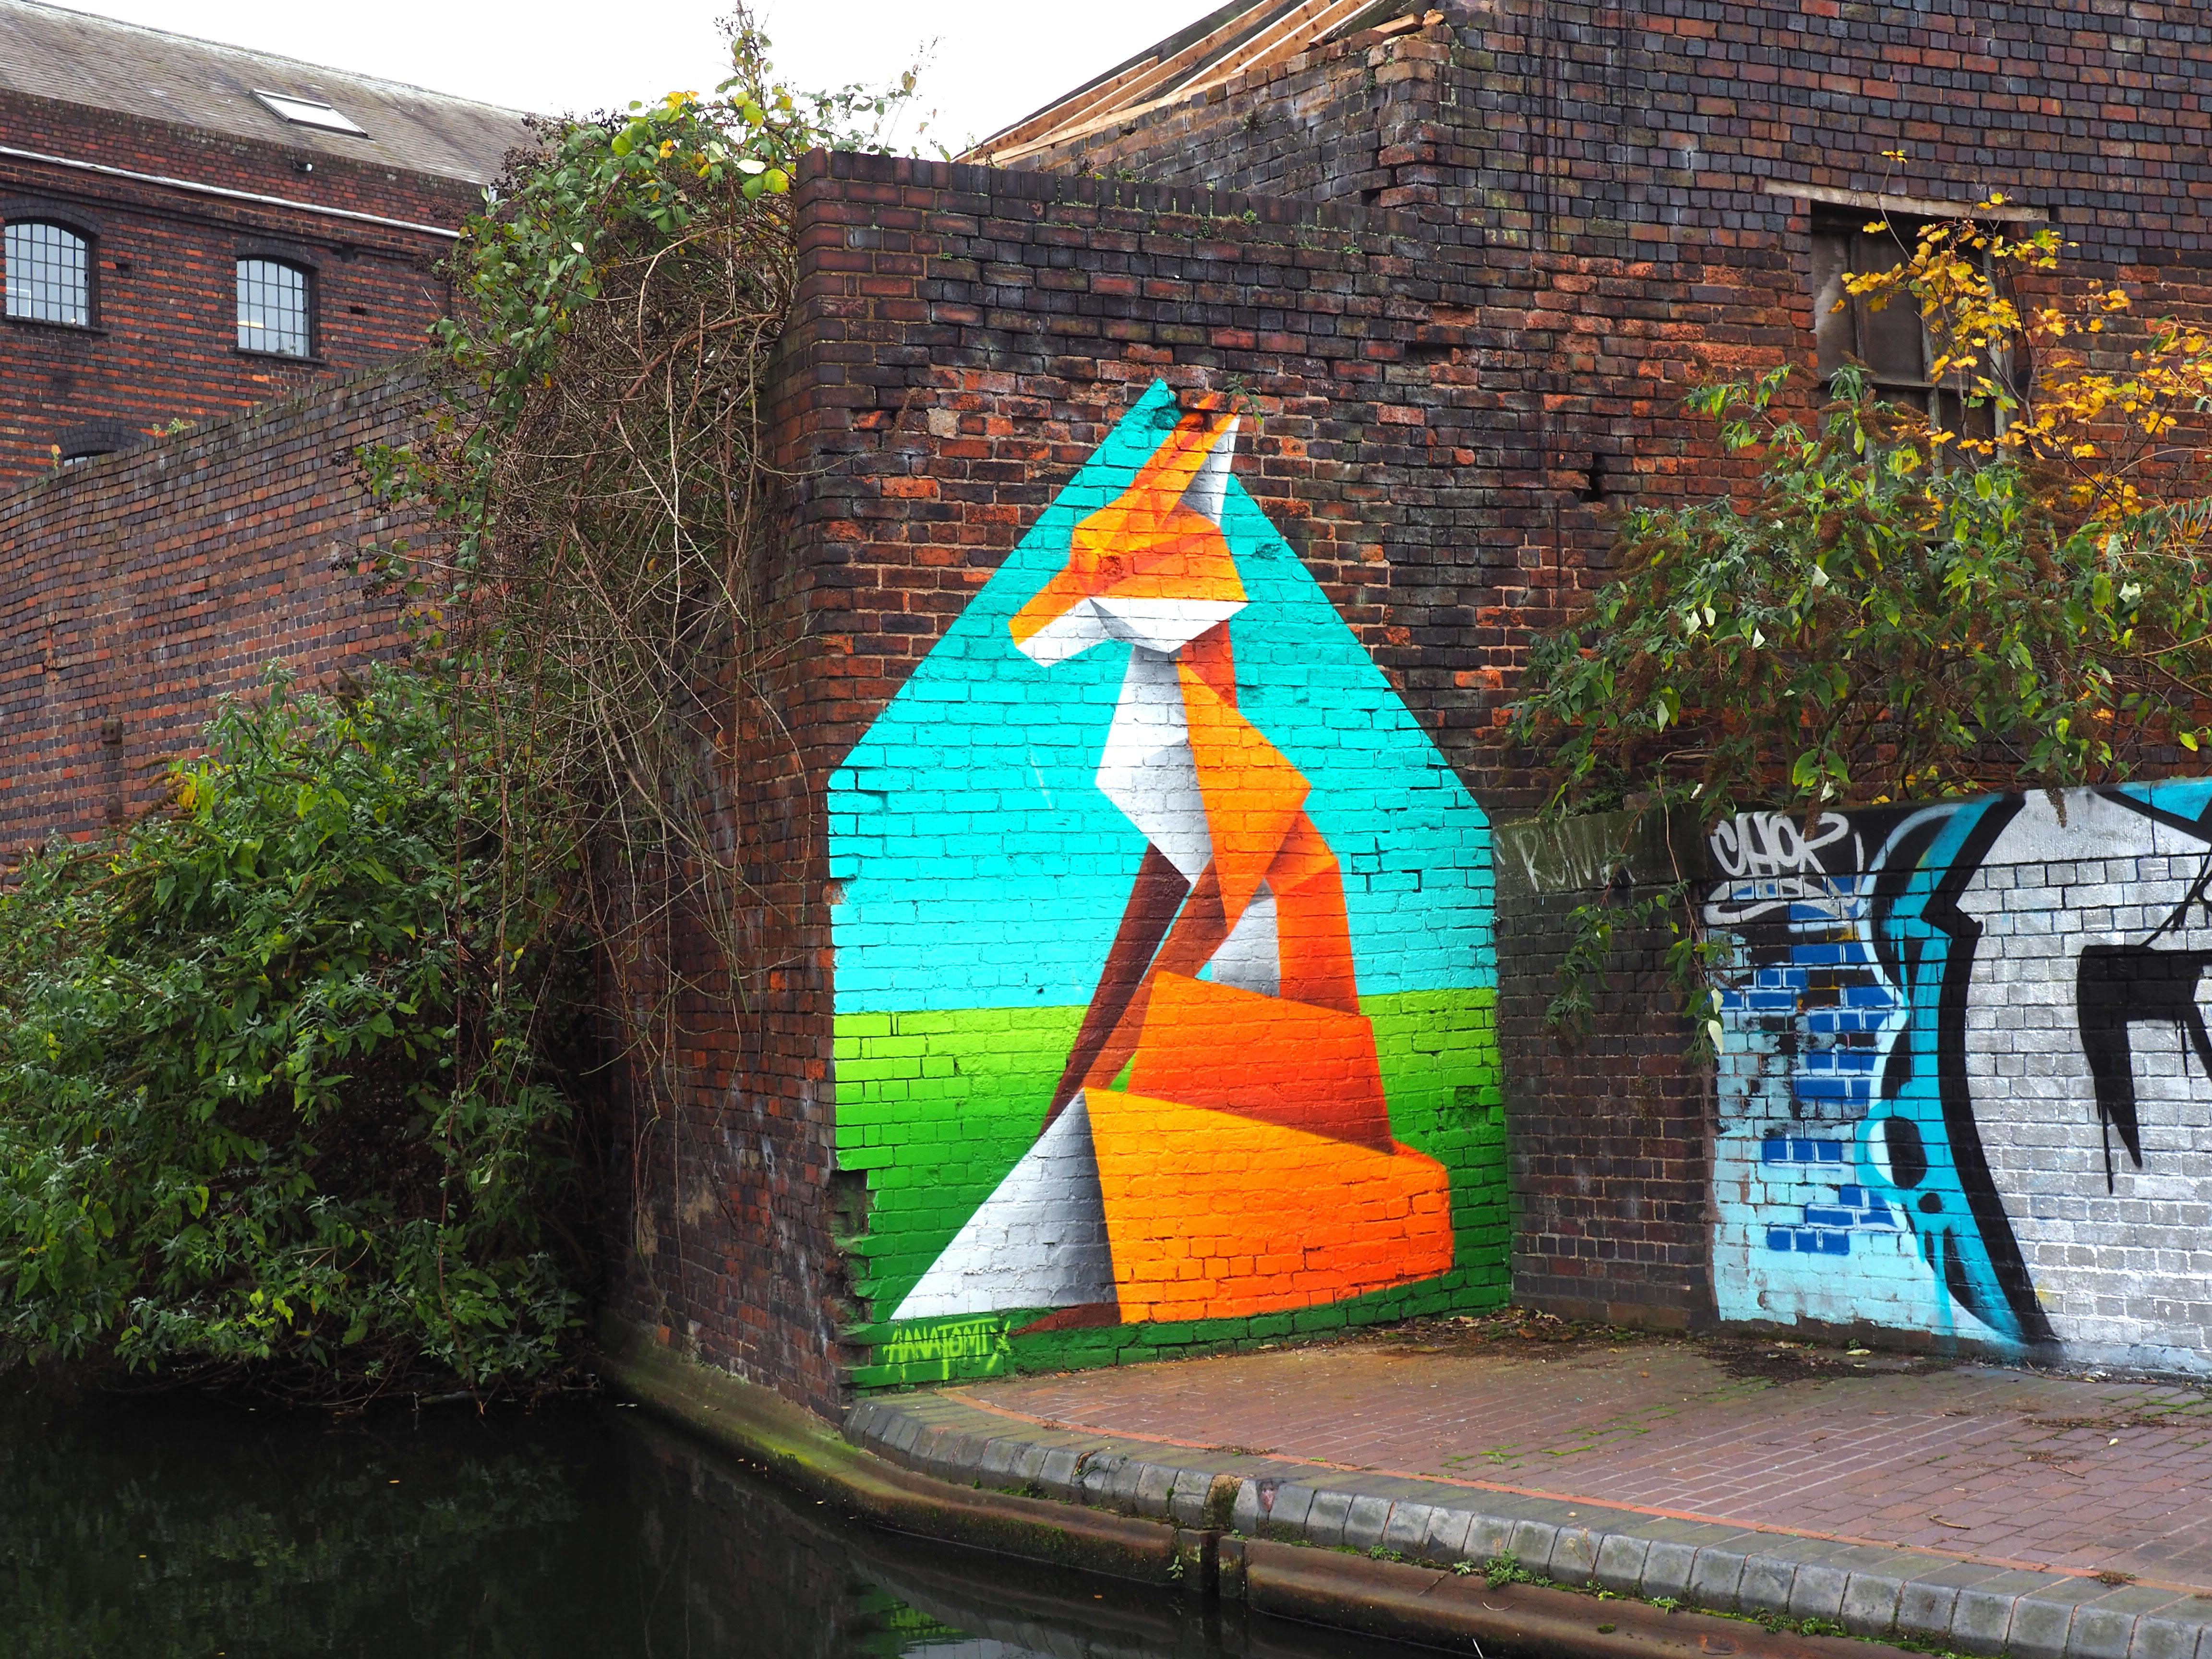 a360bylaurentjacquet.files.wordpress.com_2018_02_annatomix_fox_in_birmingham_street_art.jpg